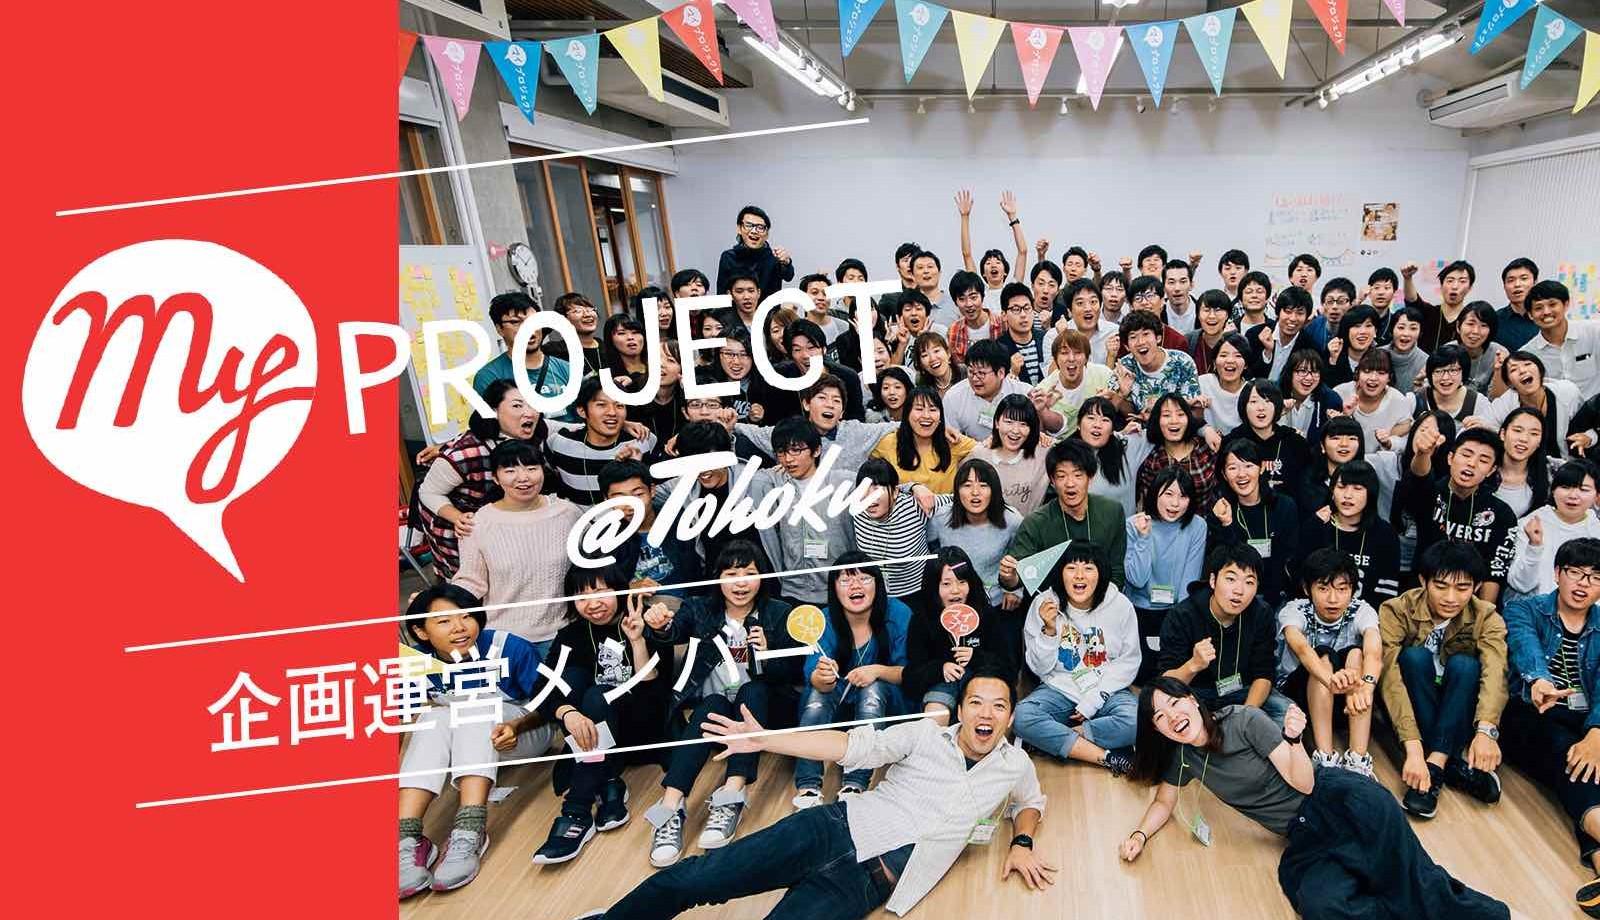 【2020年8月】求人募集!子どもや若者の未来をつくる仕事4選